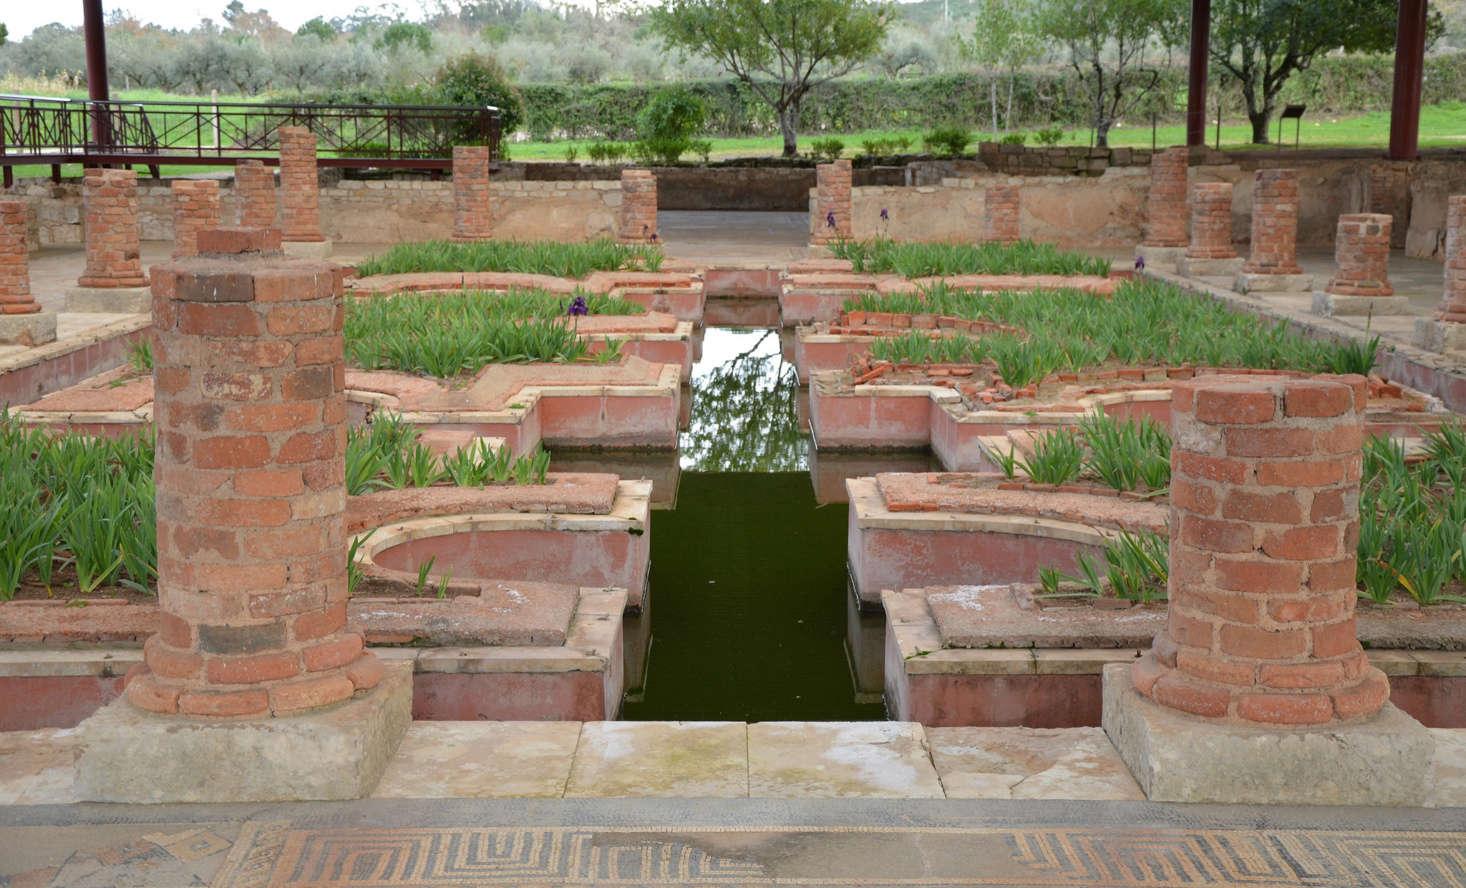 罗马教堂发现了花园花园的花园广场的圆形建筑。来自卡弗·卡弗里的照片。